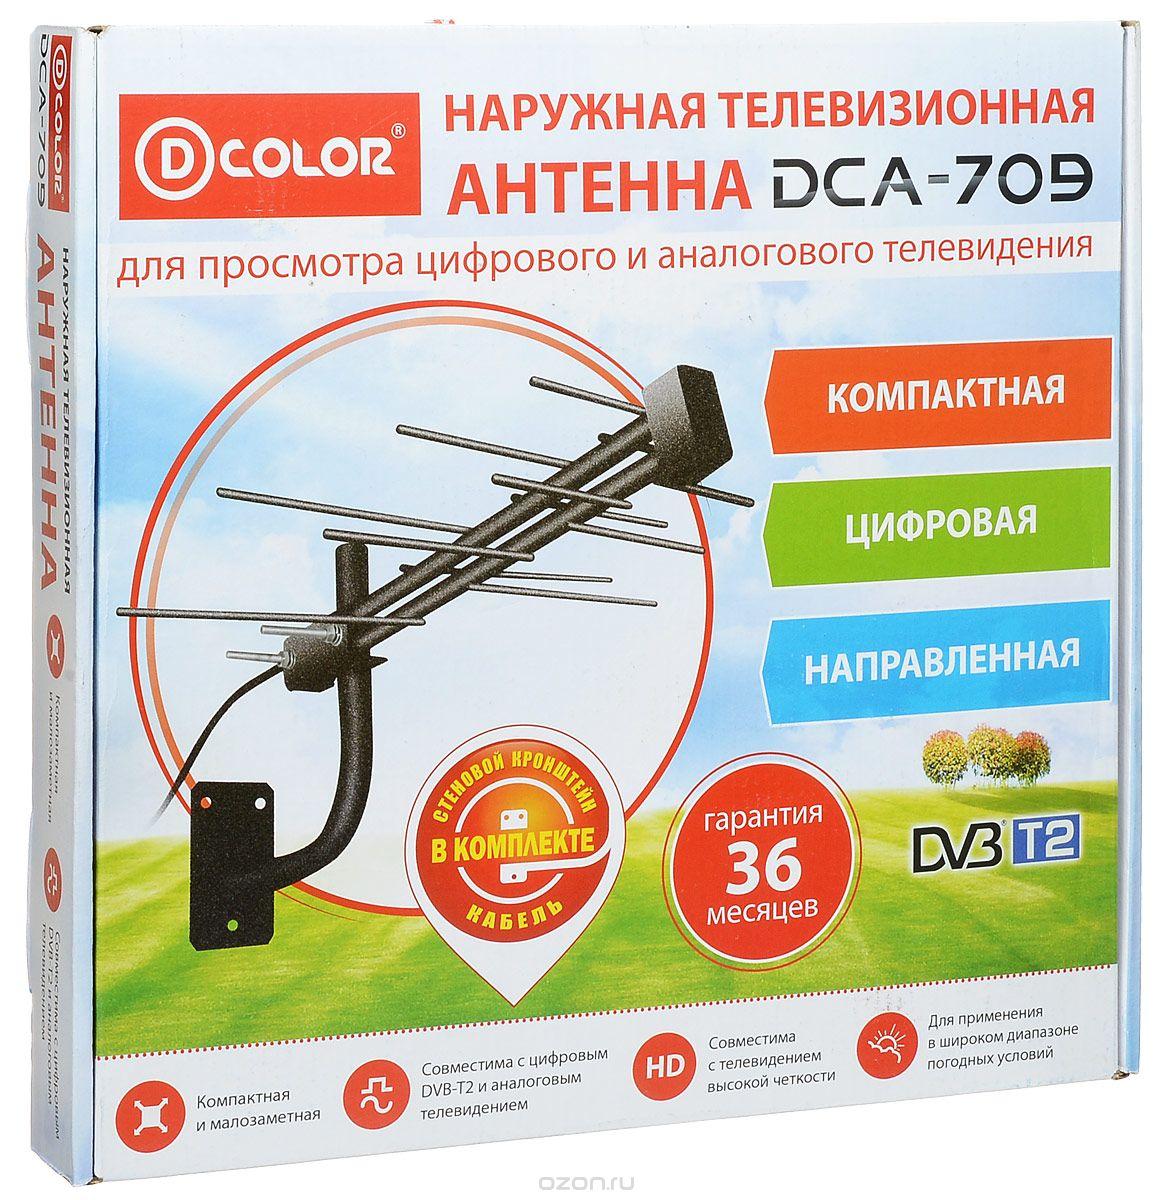 D-Color DCA-709, Gray антенна для цифрового ТВ (пассивная)